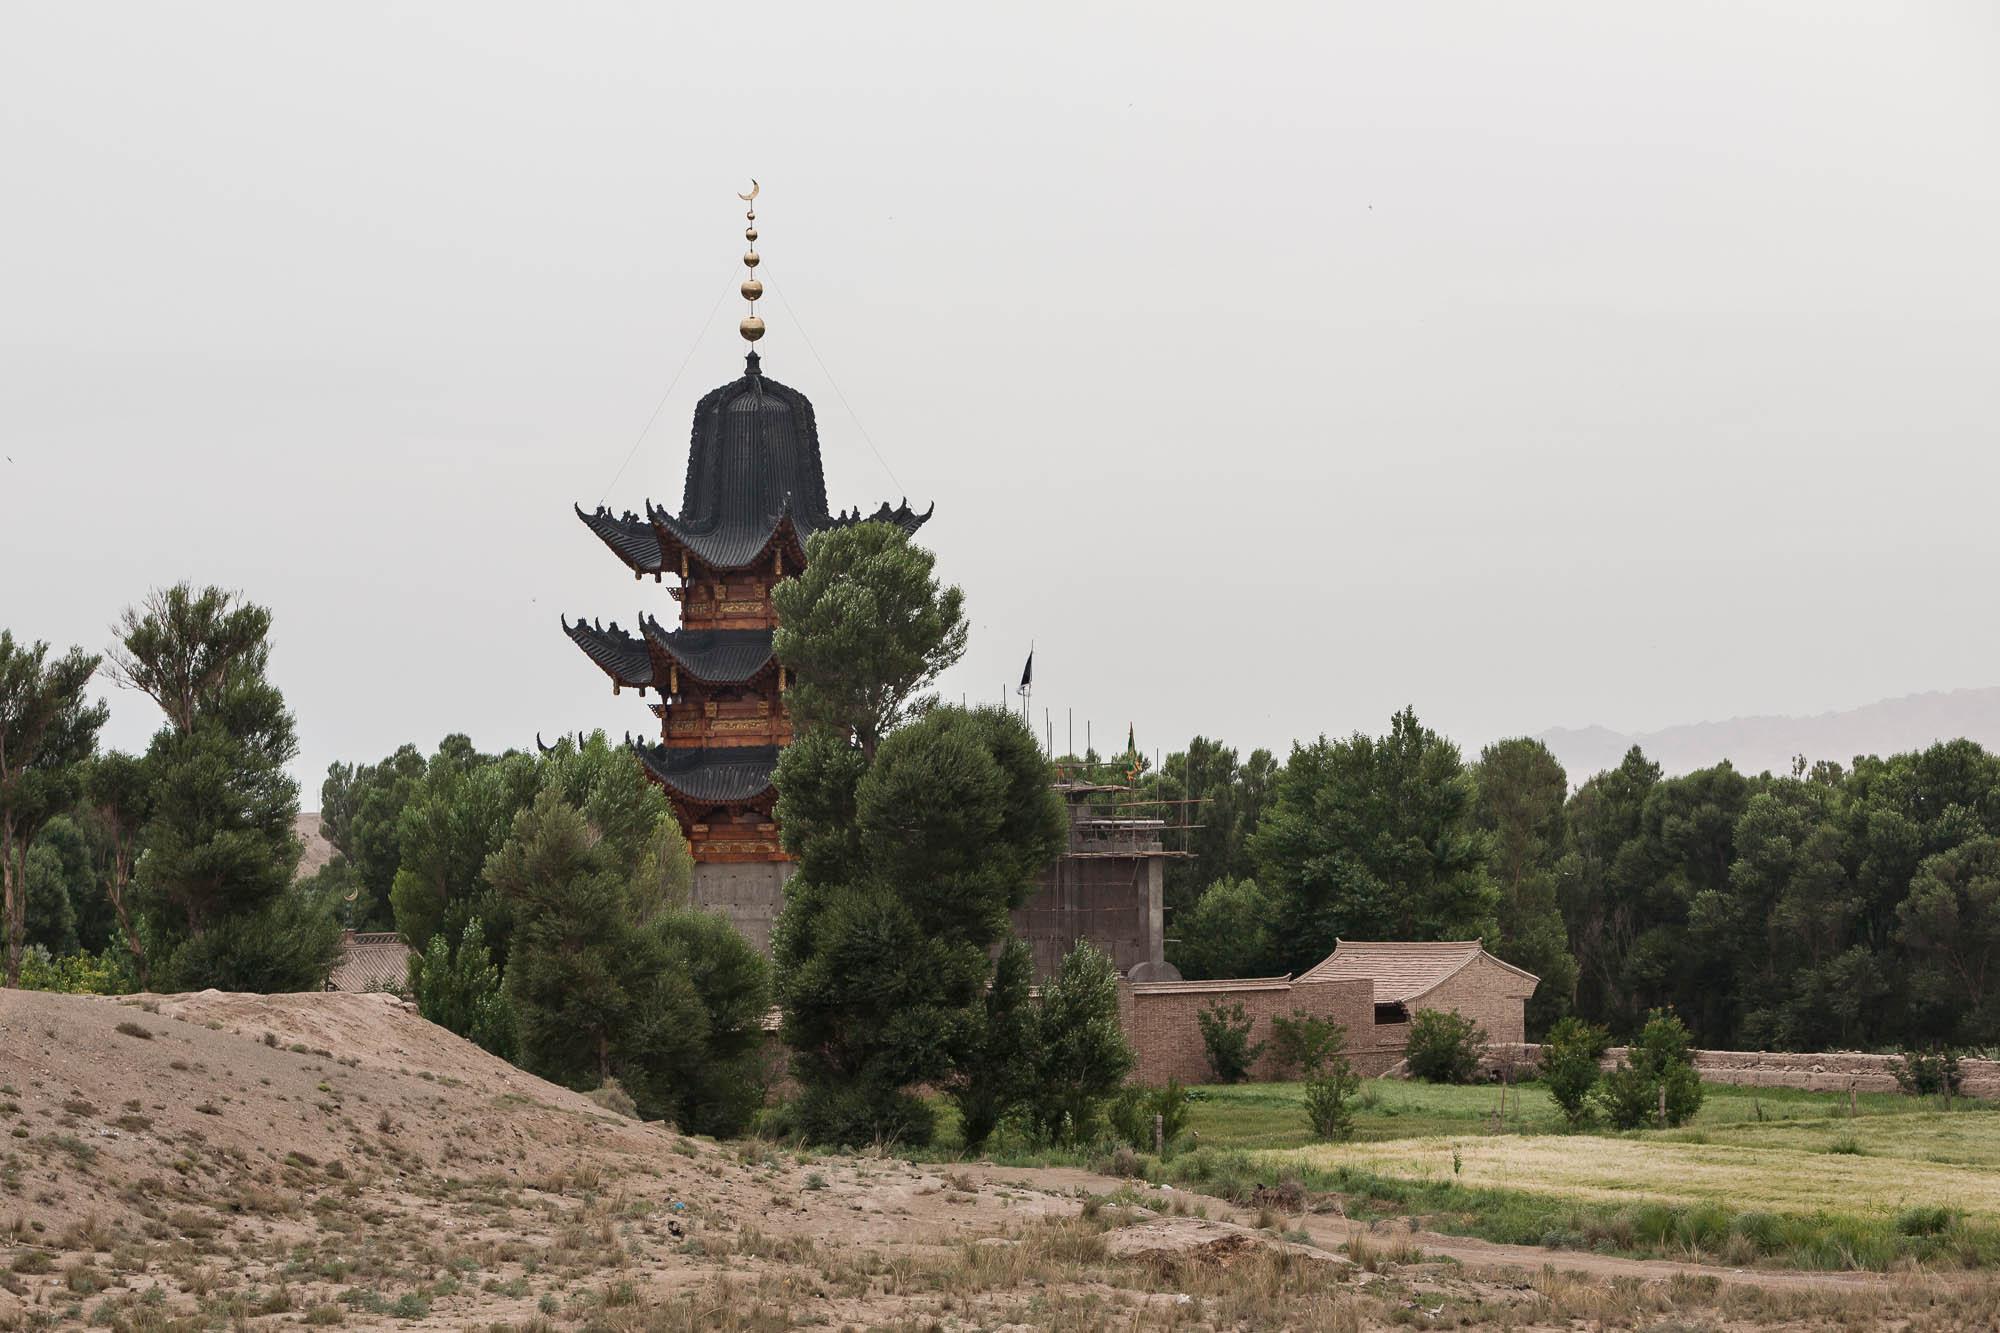 Wuaisi Gongbei